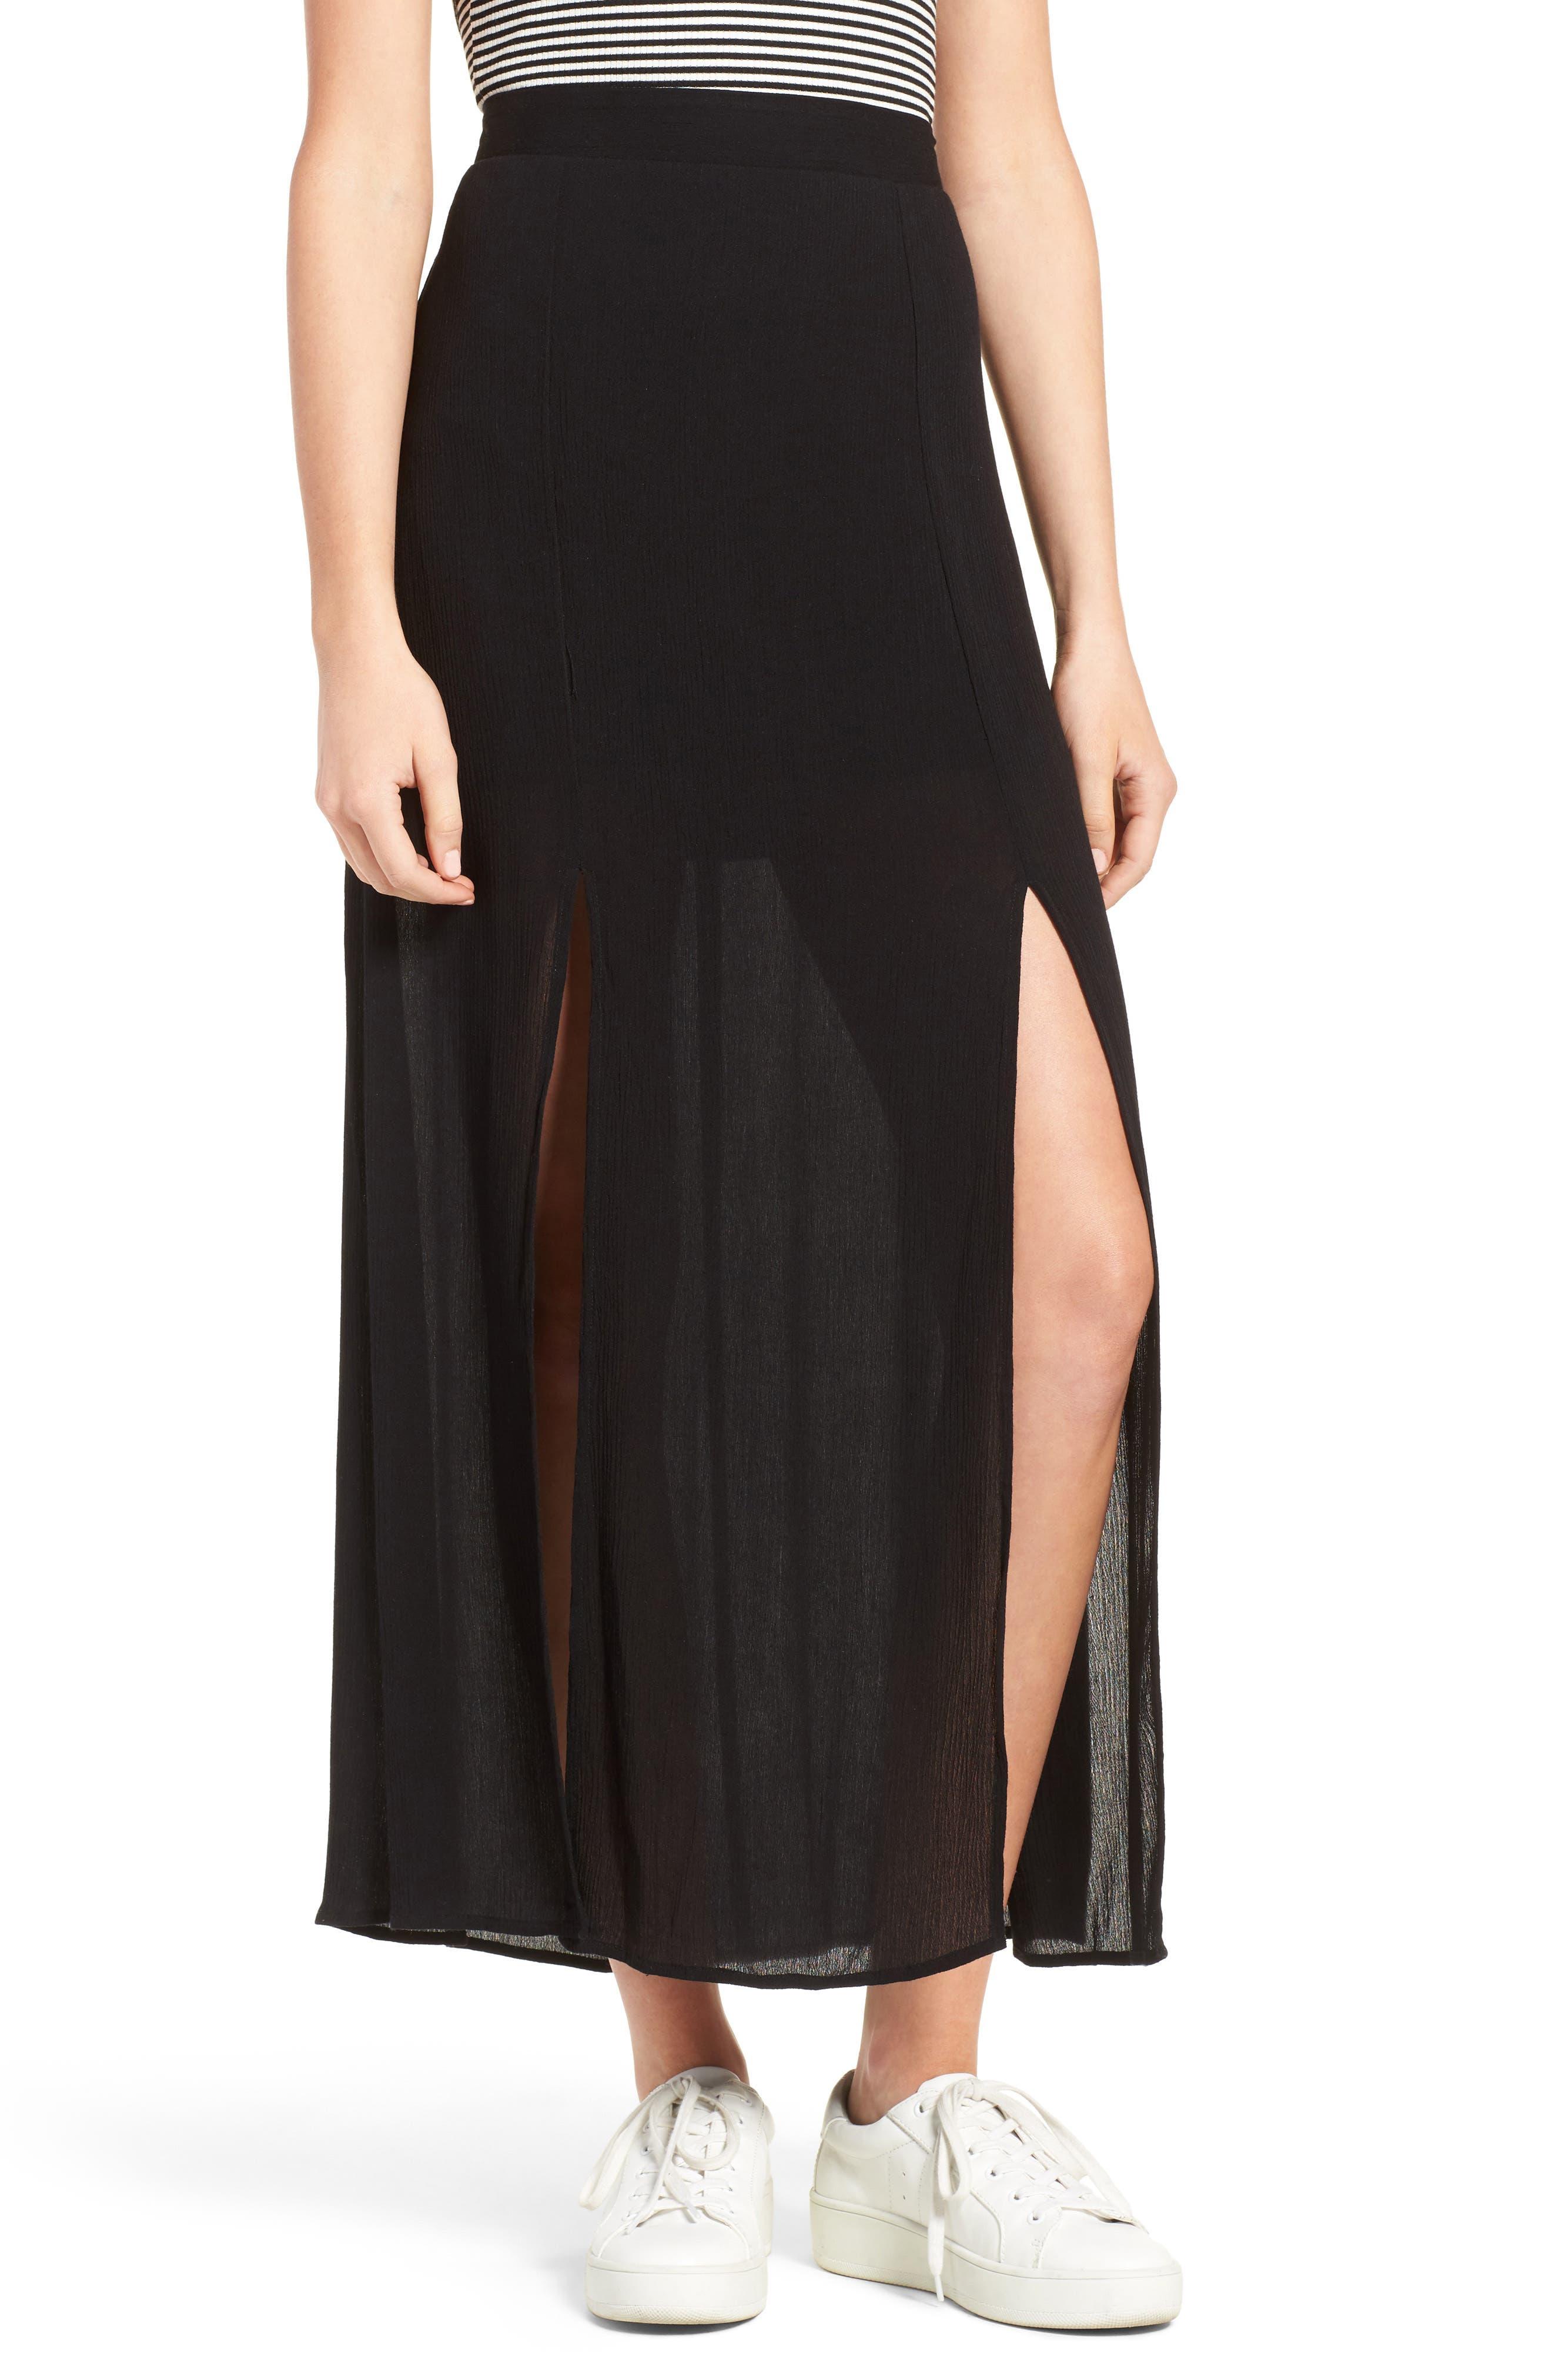 Alternate Image 1 Selected - Love, Fire Slit Maxi Skirt